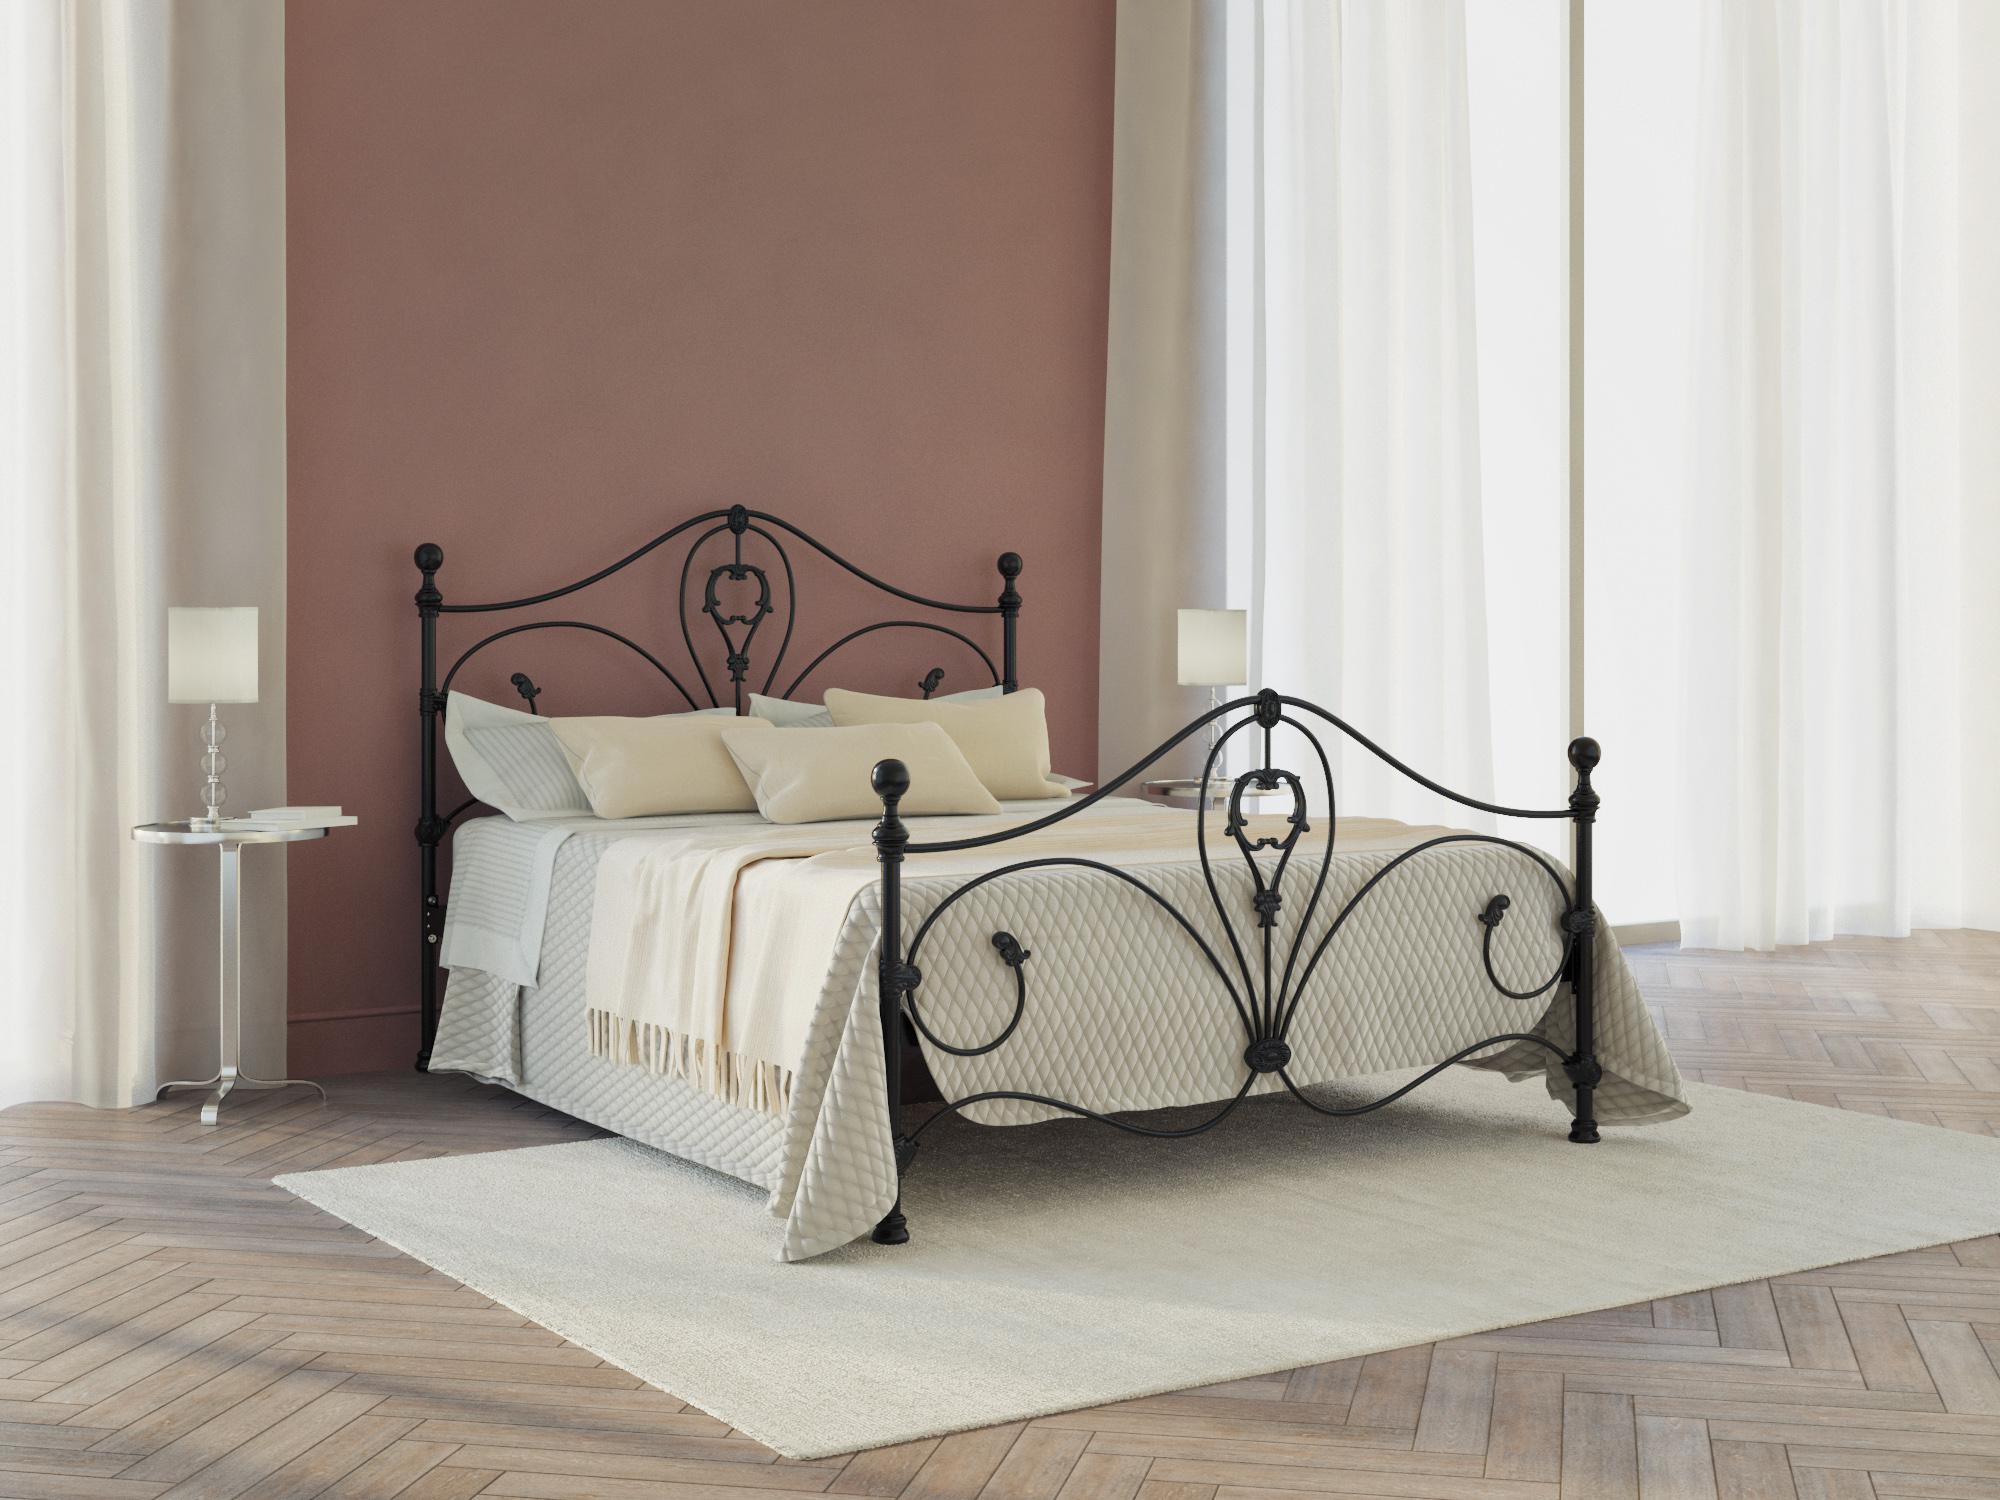 Кровать Originals by Dreamline Melania фото